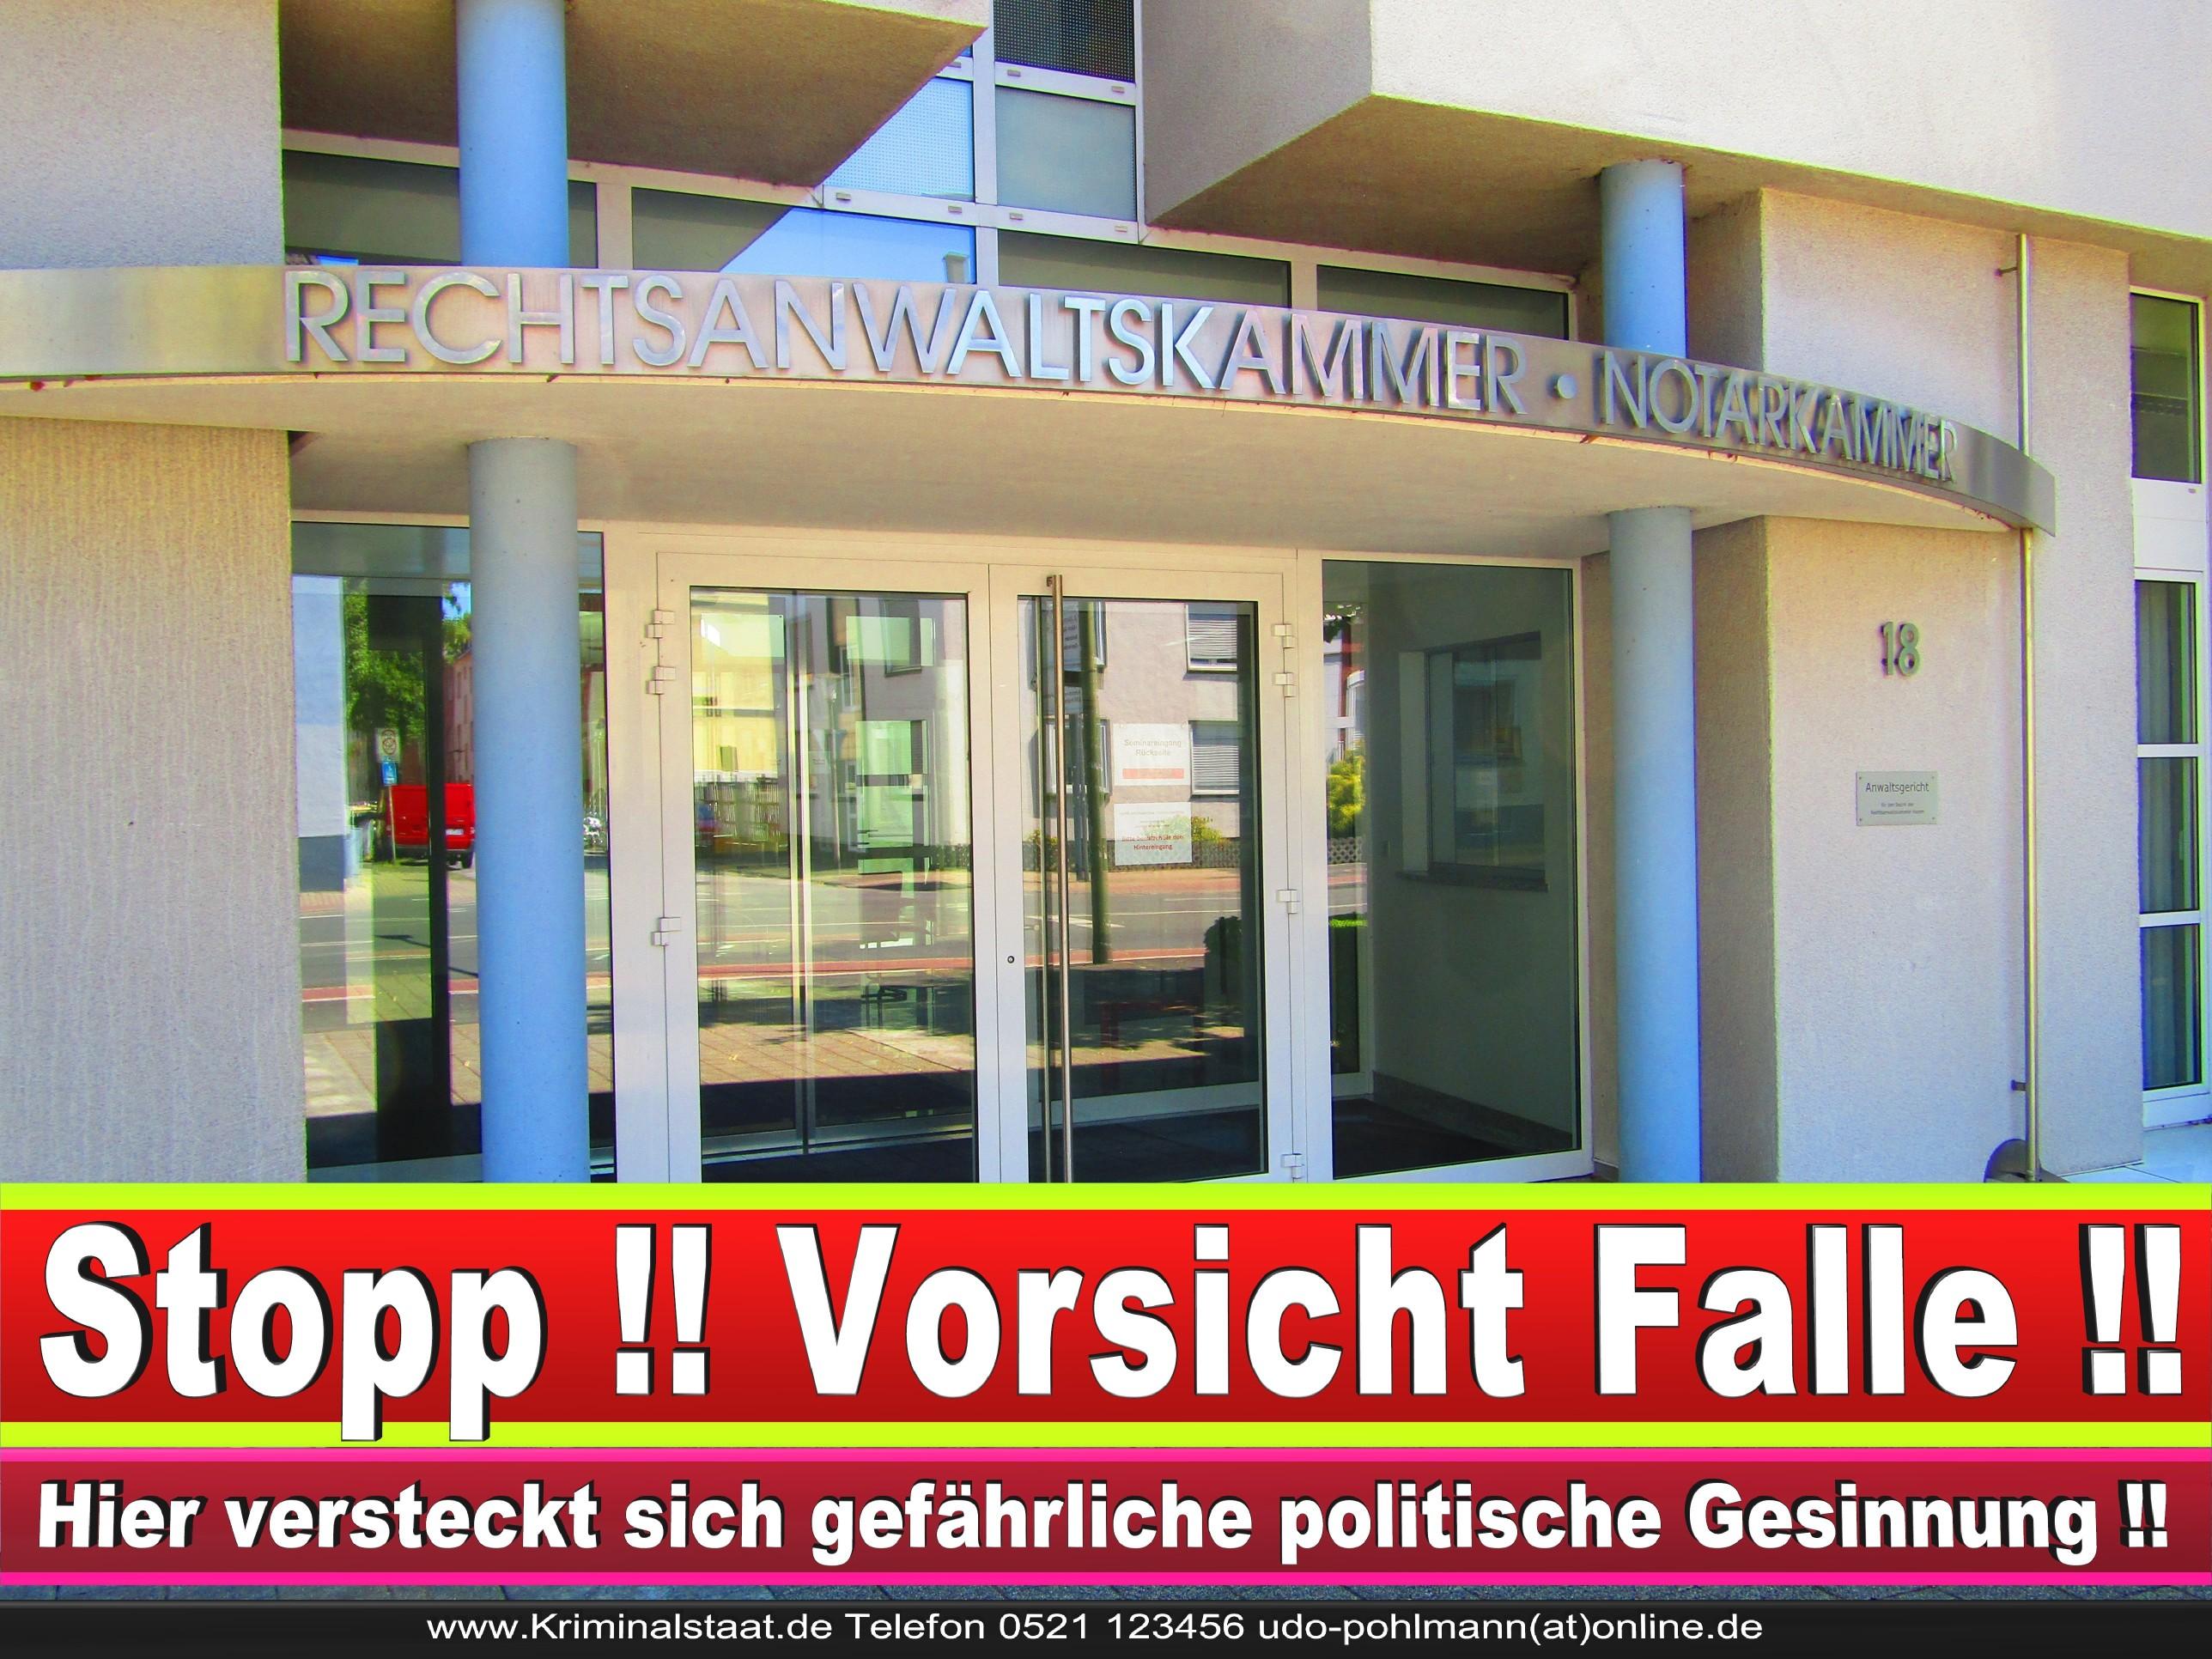 Rechtsanwaltskammer Hamm NRW Justizminister Rechtsanwalt Notar Vermögensverfall Urteil Rechtsprechung CDU SPD FDP Berufsordnung Rechtsanwälte Rechtsprechung (8) 1